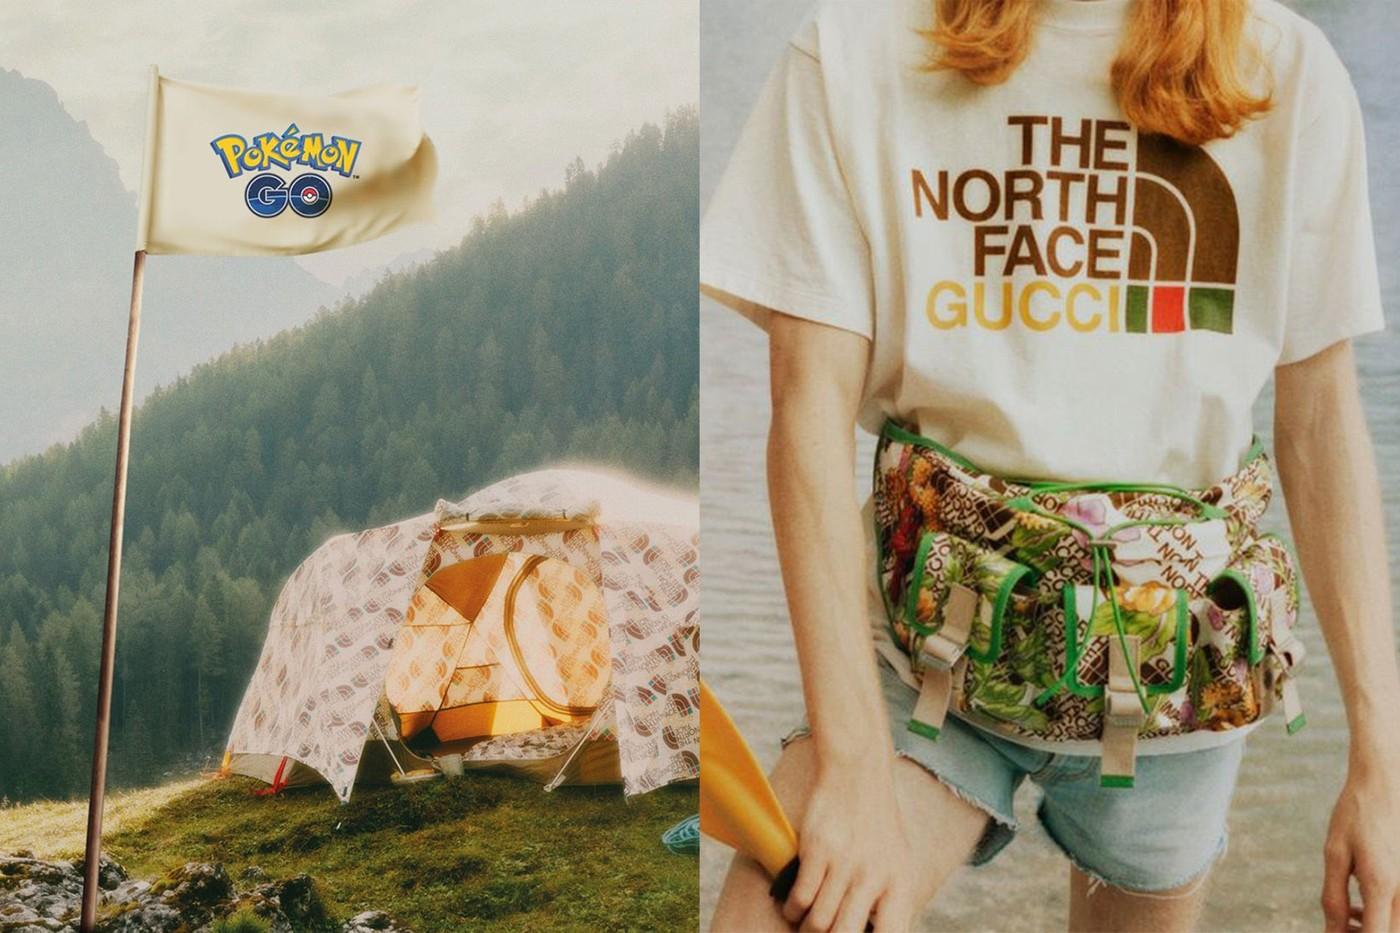 gucci the north face pokemon go collaboration apparel accessories teaser info 2020